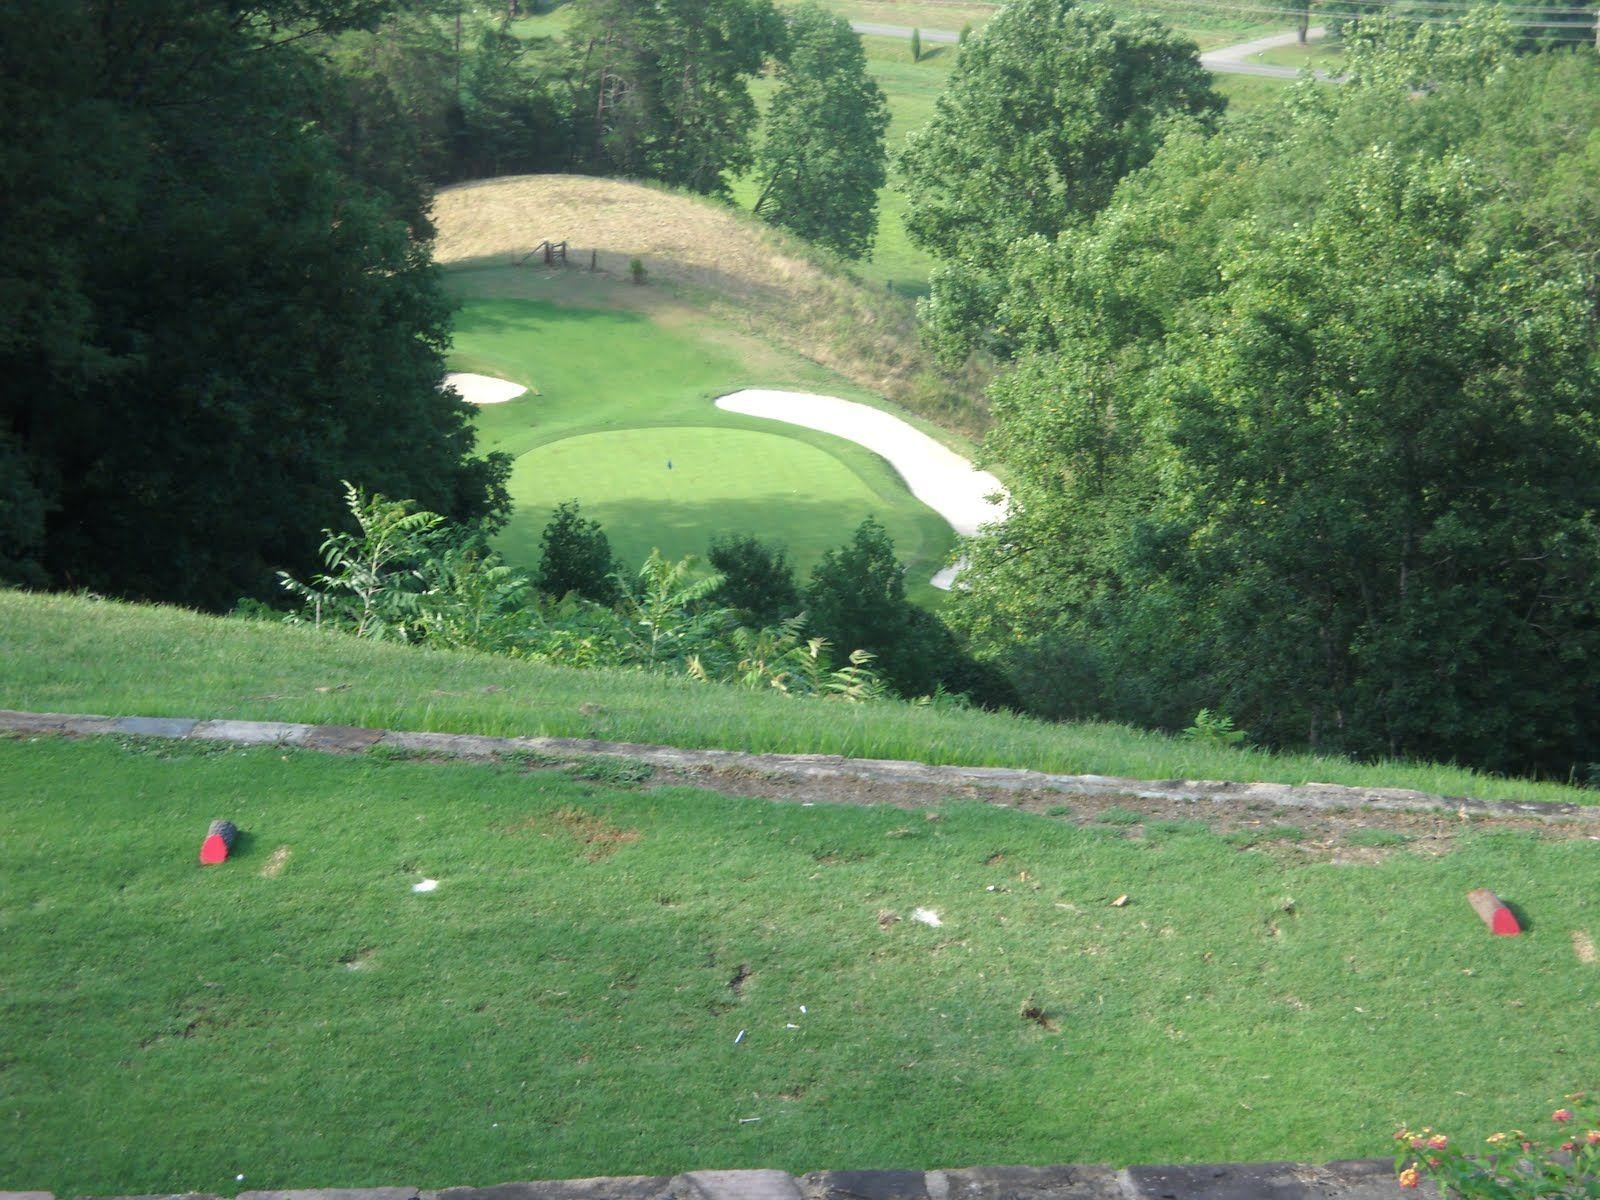 Gatlinburg Country Club Google Search Gatlinburg Golf Courses Country Club